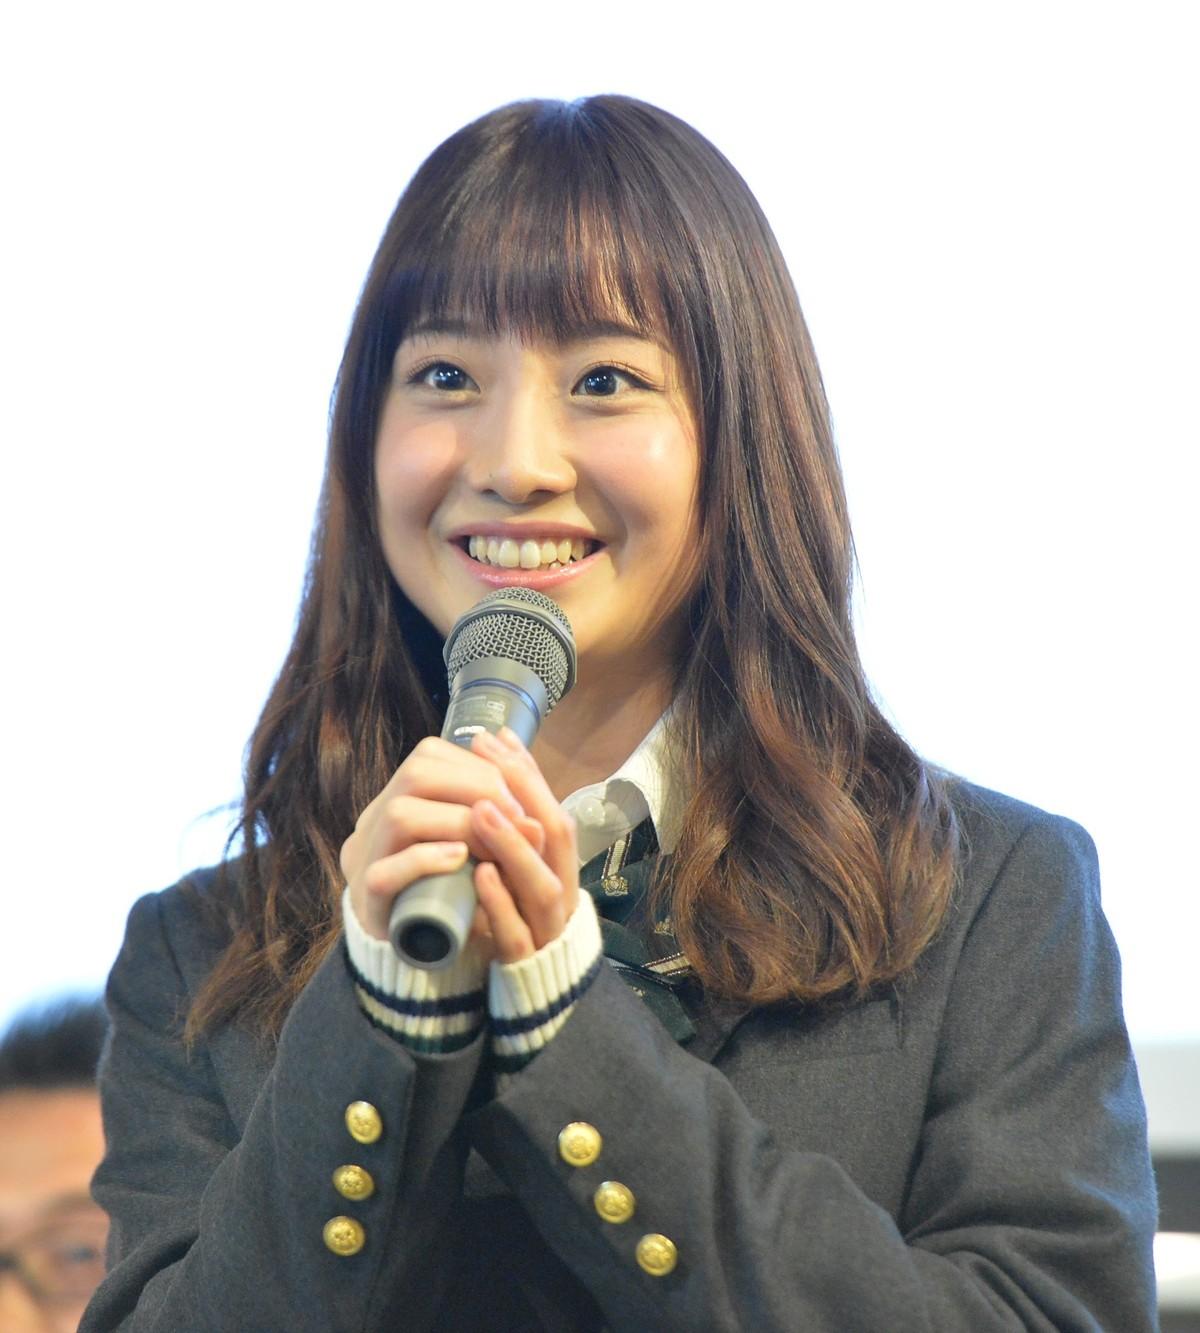 柴田阿弥の画像 p1_13